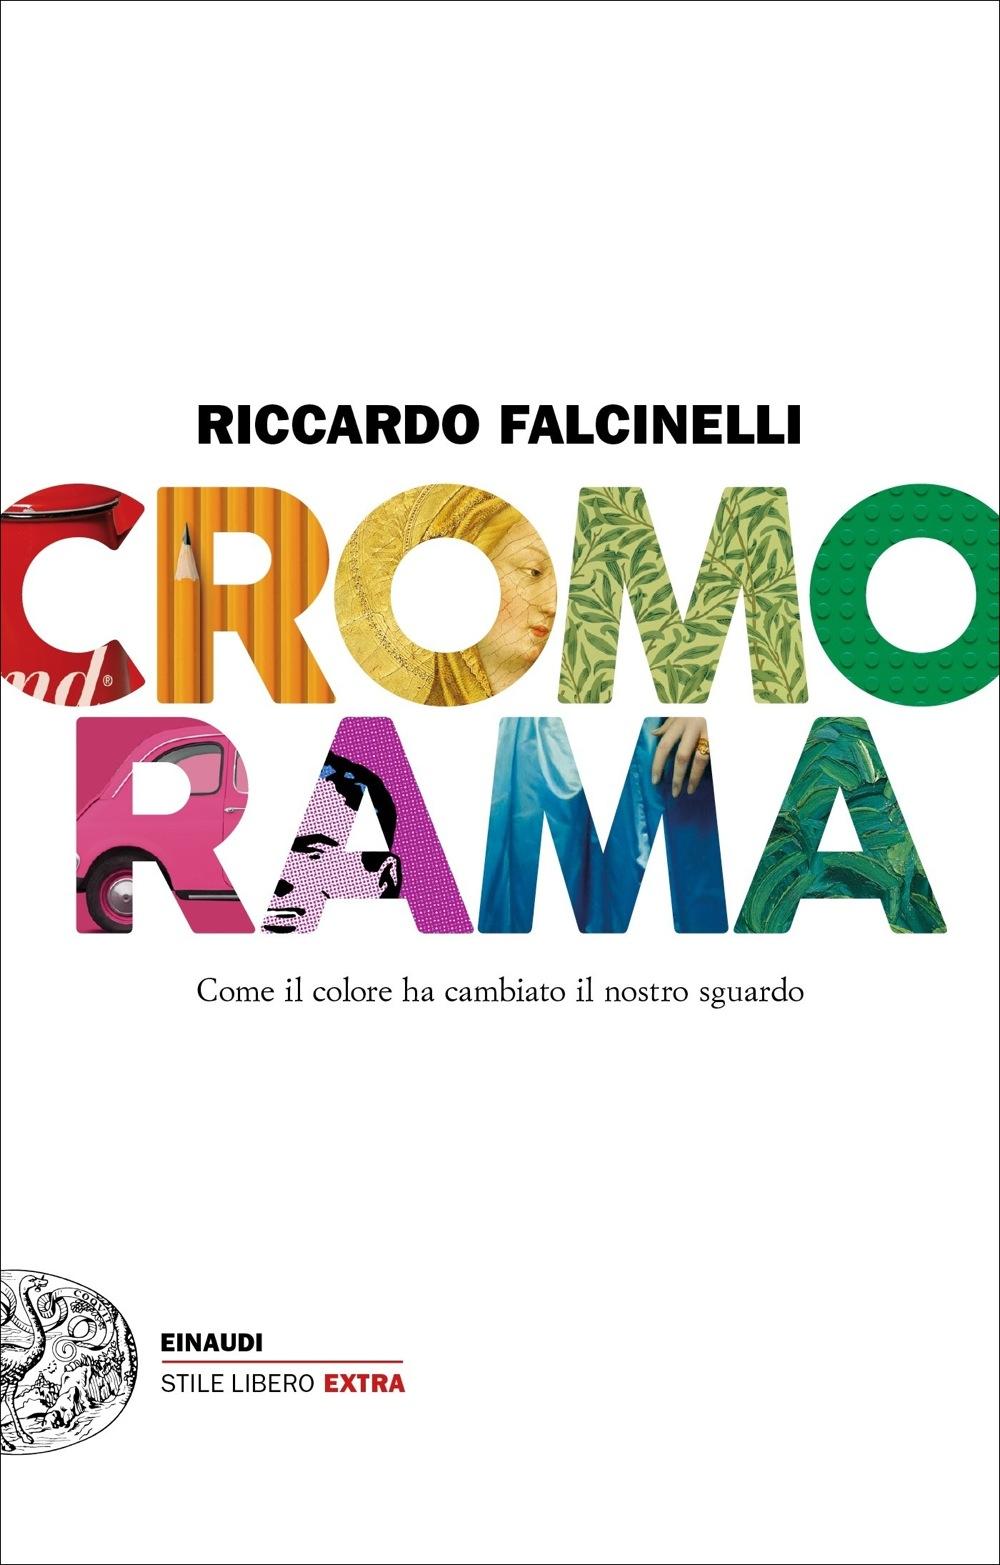 Gestione colore. Da dove cominciare. Riviste e libri consigliati – Cromorama di Riccardo Falcinelli.